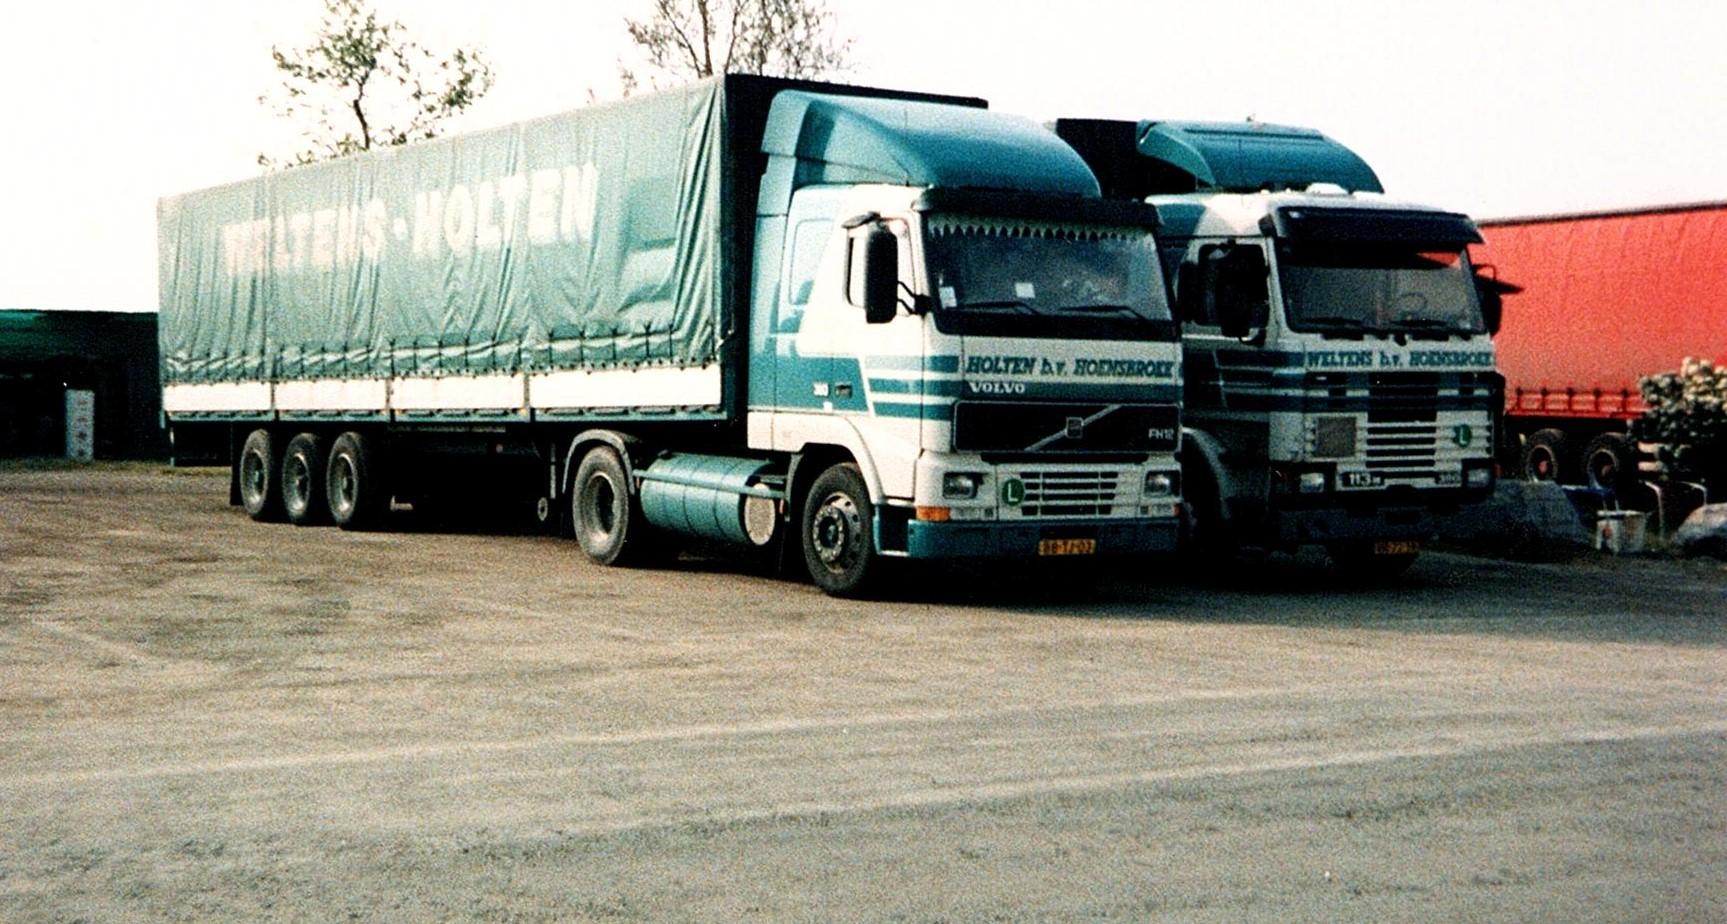 Bert-met-de-Scania-vakantie-vieren-in-Italie-2